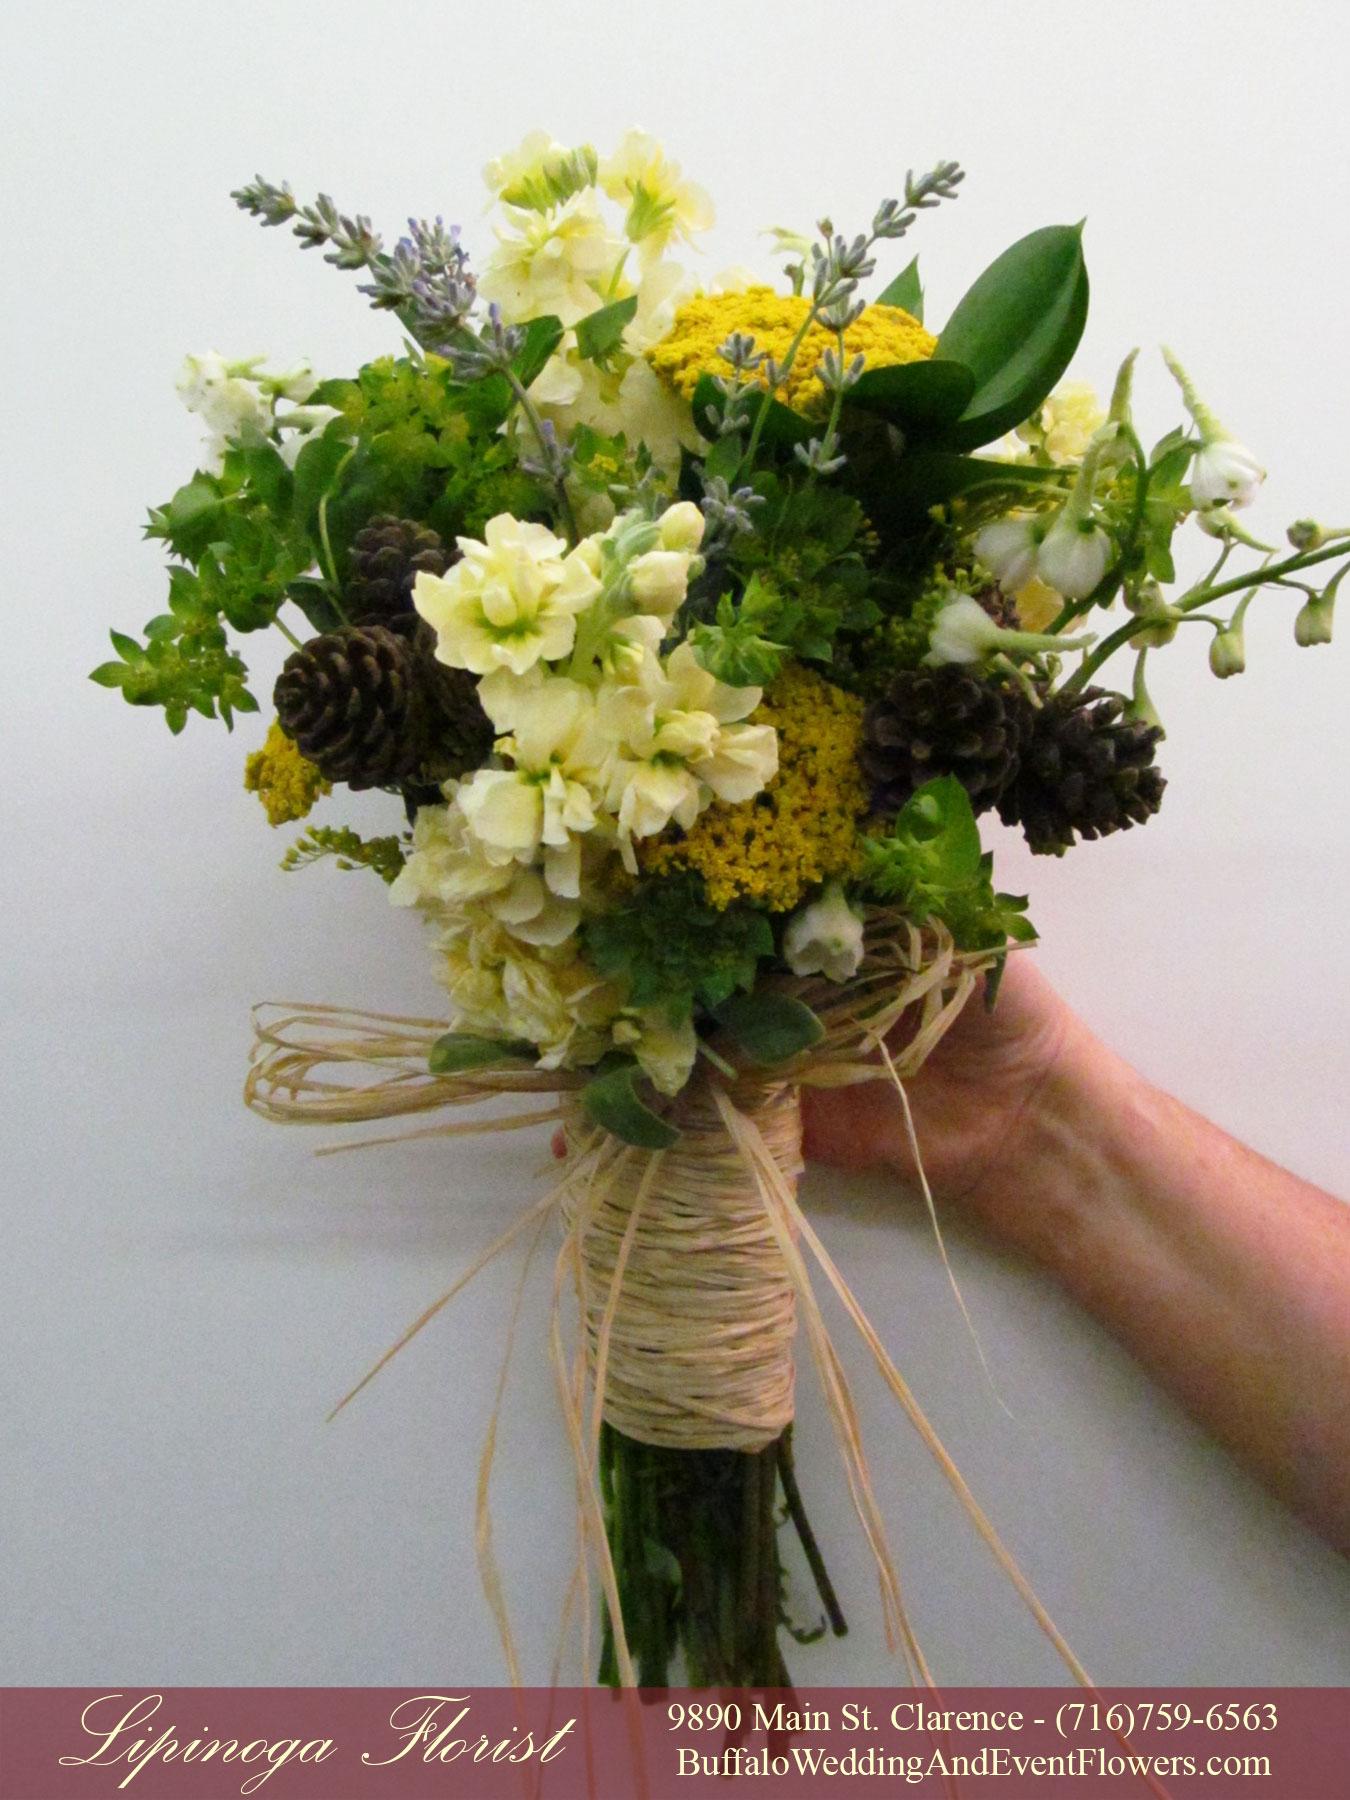 Emerald And Yellow Wedding Flowers Buffalo Ny Lipinoga Florist